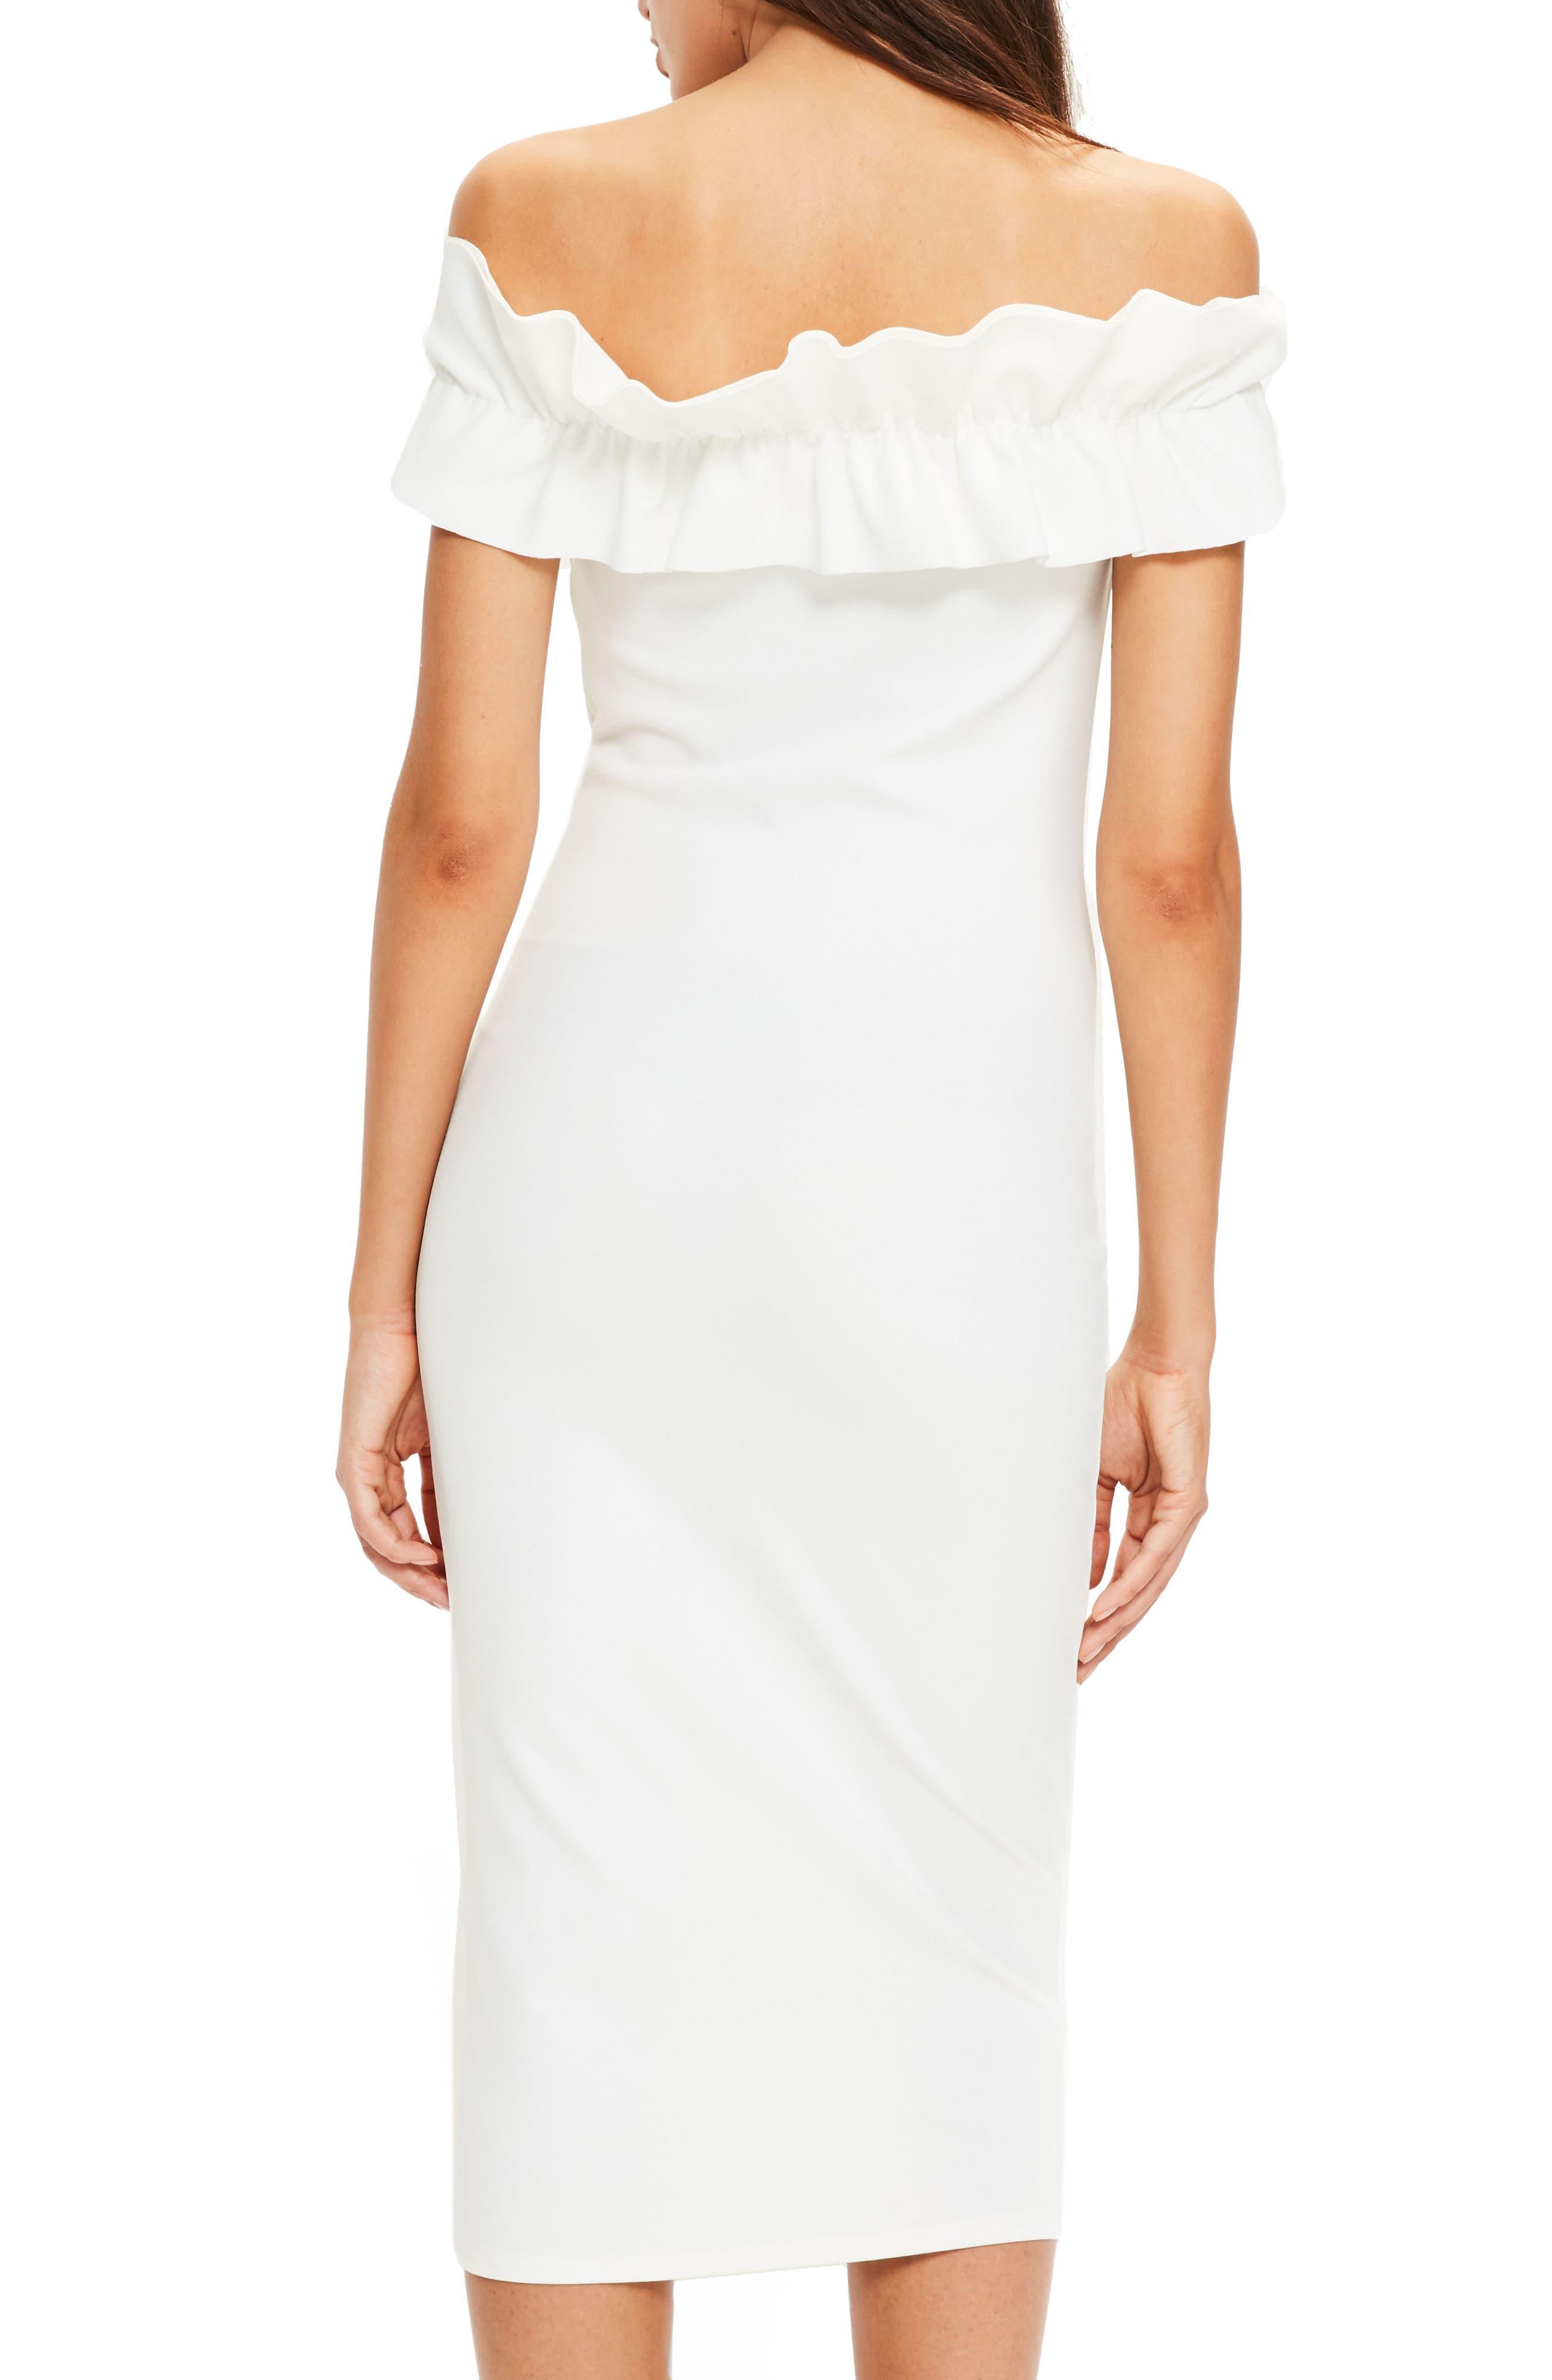 Alternate Image 3  - Missguided Bardot Off the Shoulder Dress